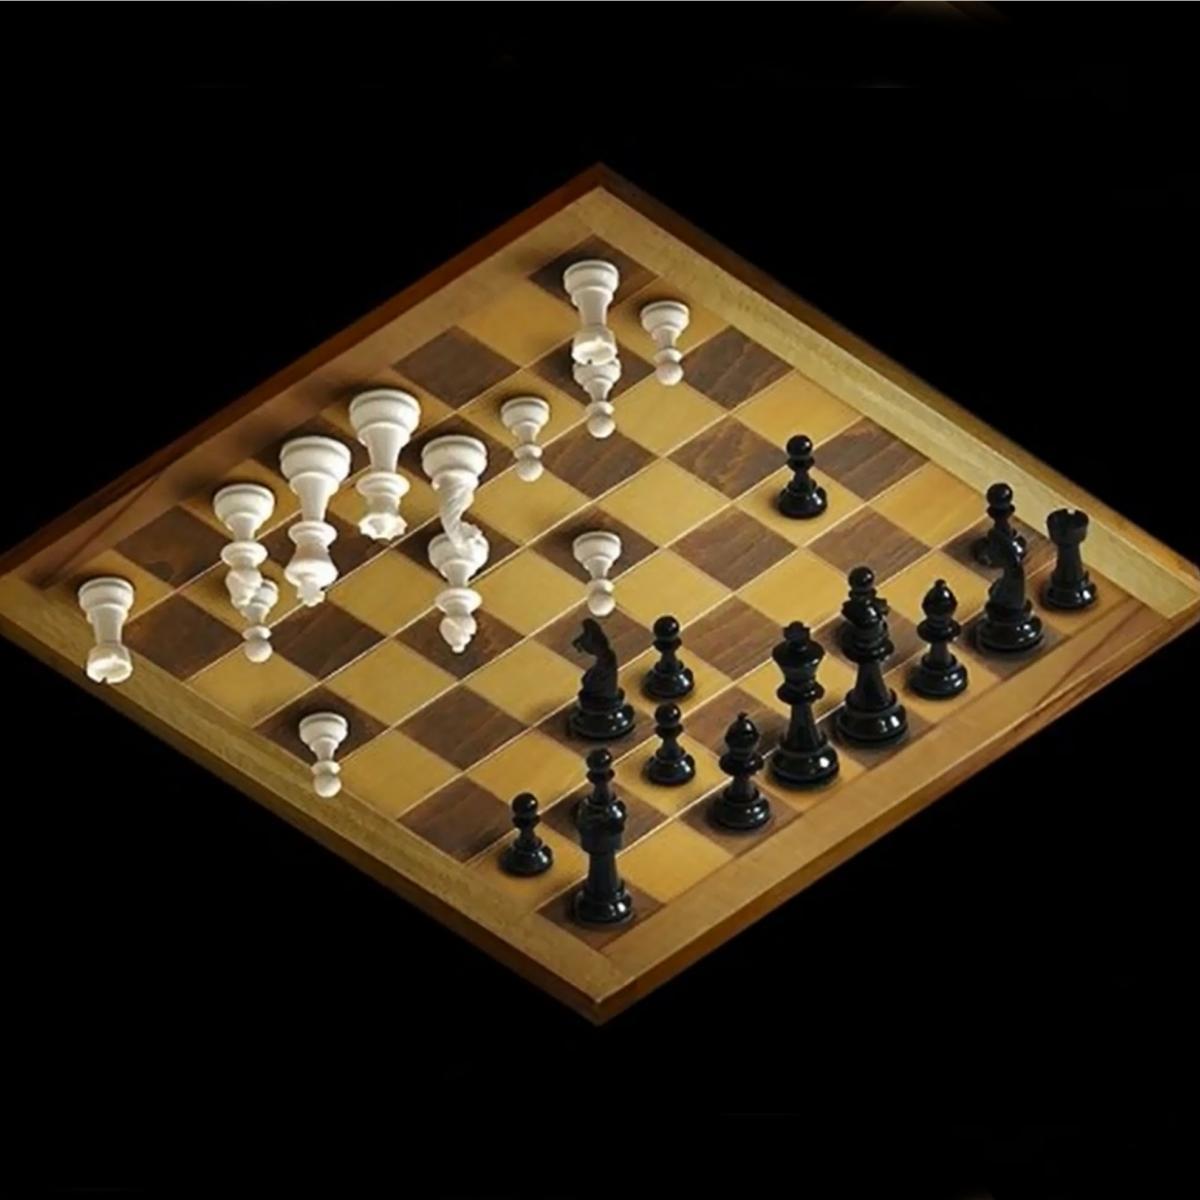 Смешные картинки в шахматах, стрельба пистолета поздравительная